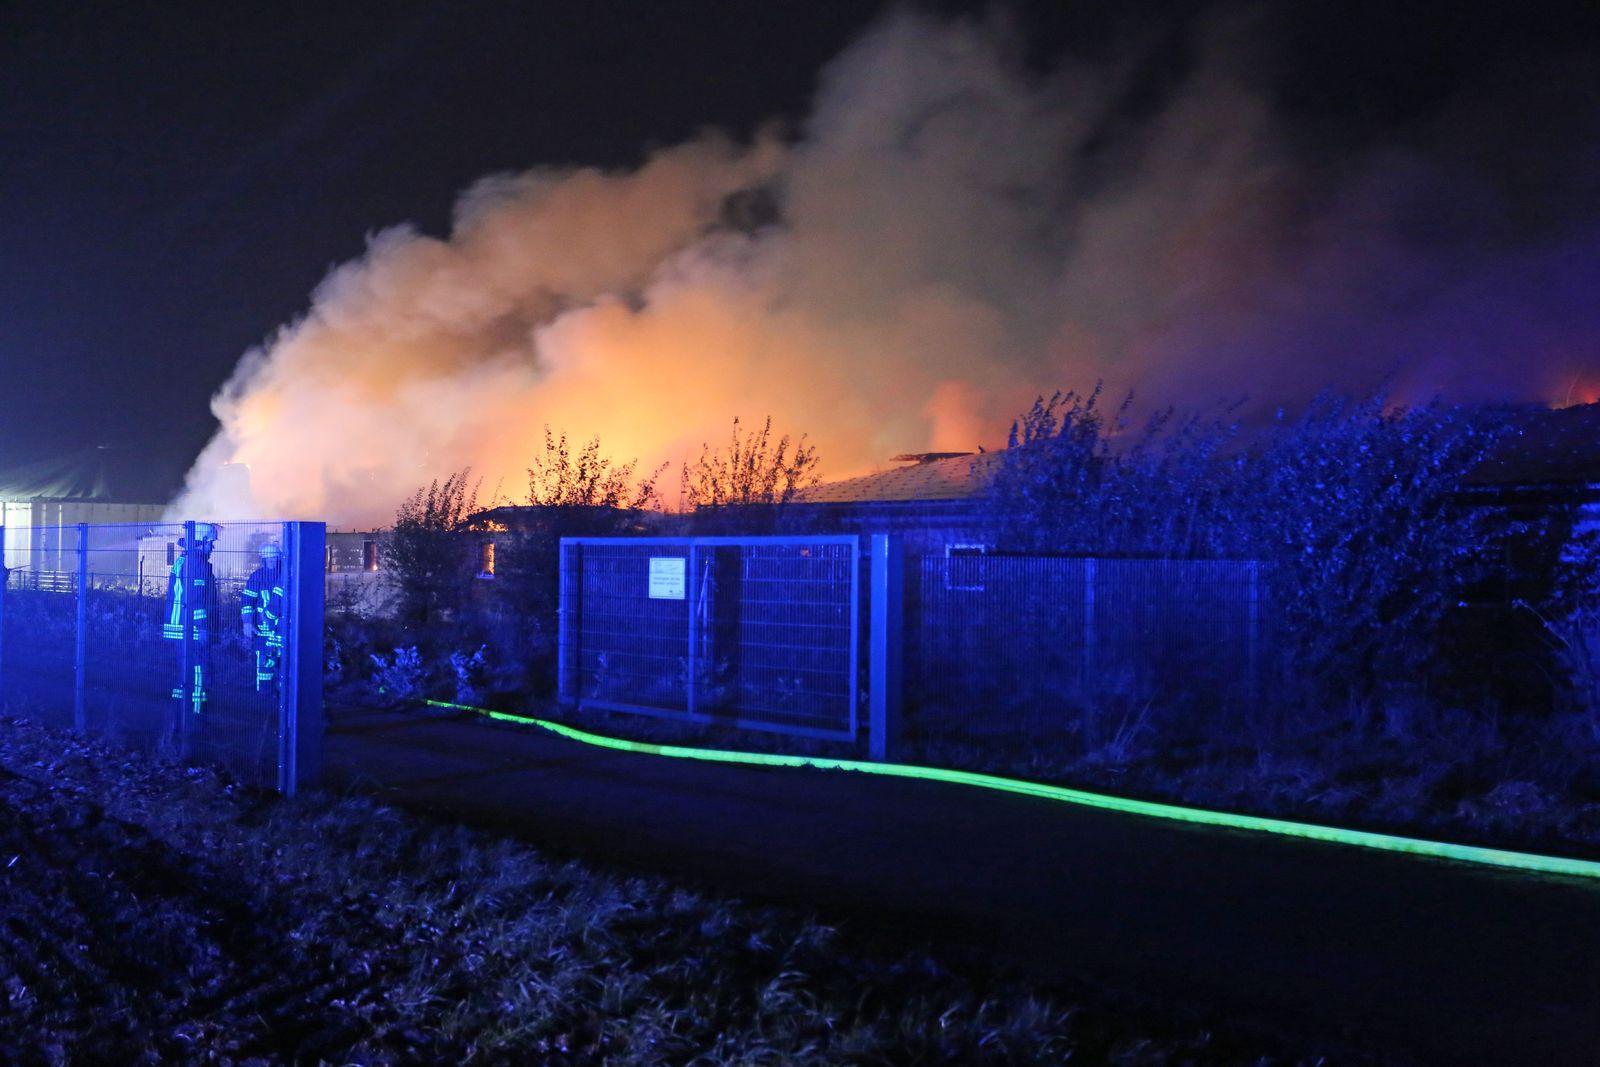 Feuer in Schweinemastanlage in Niedersachsen